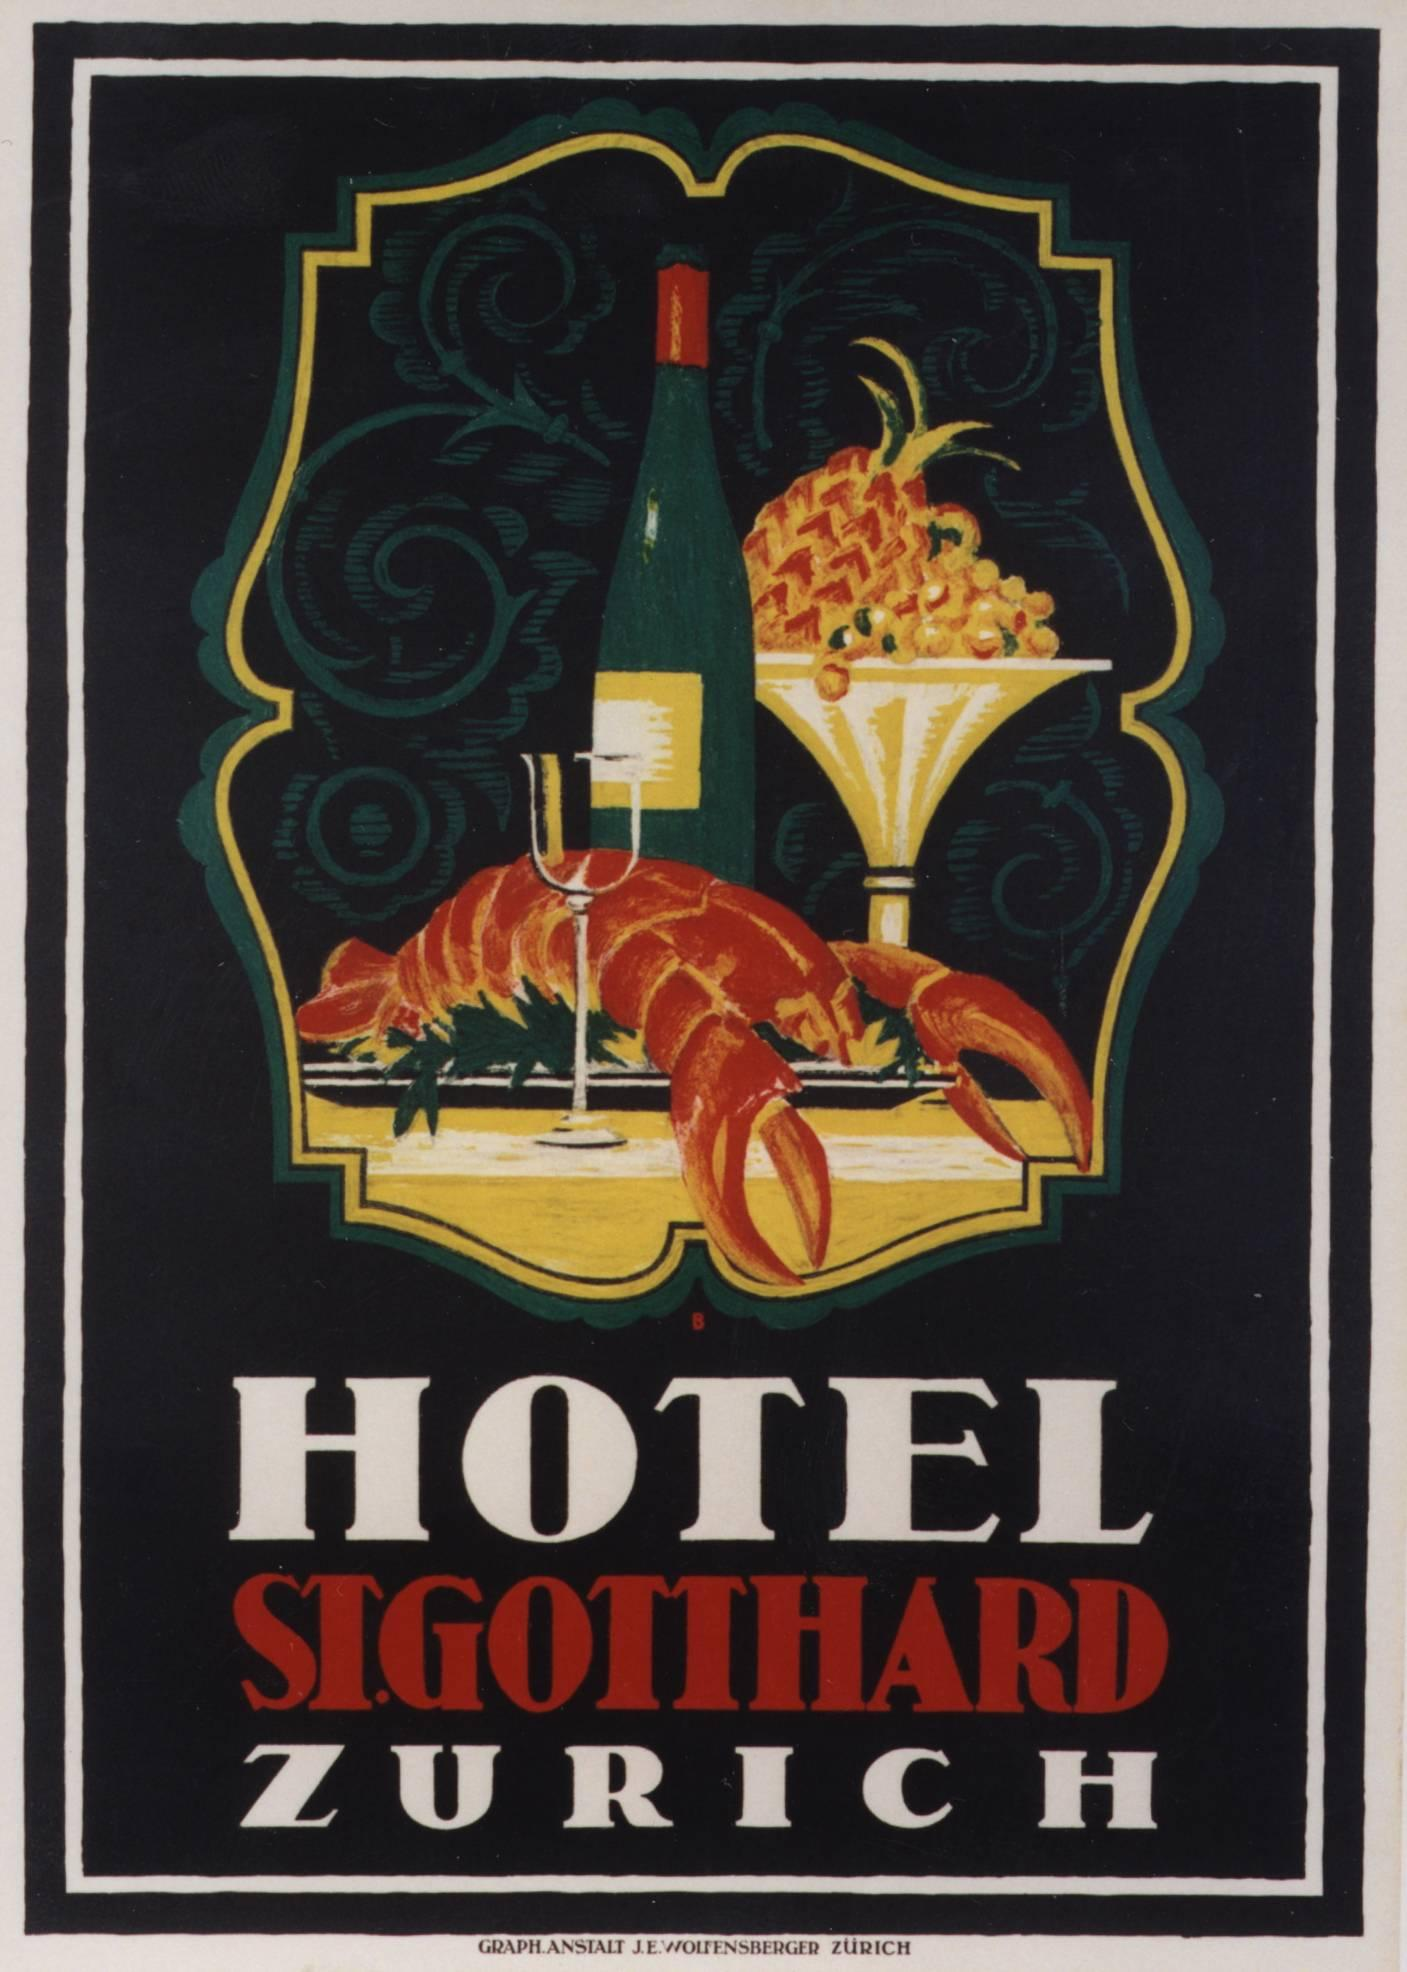 Hotel St. Gothard Zurich.